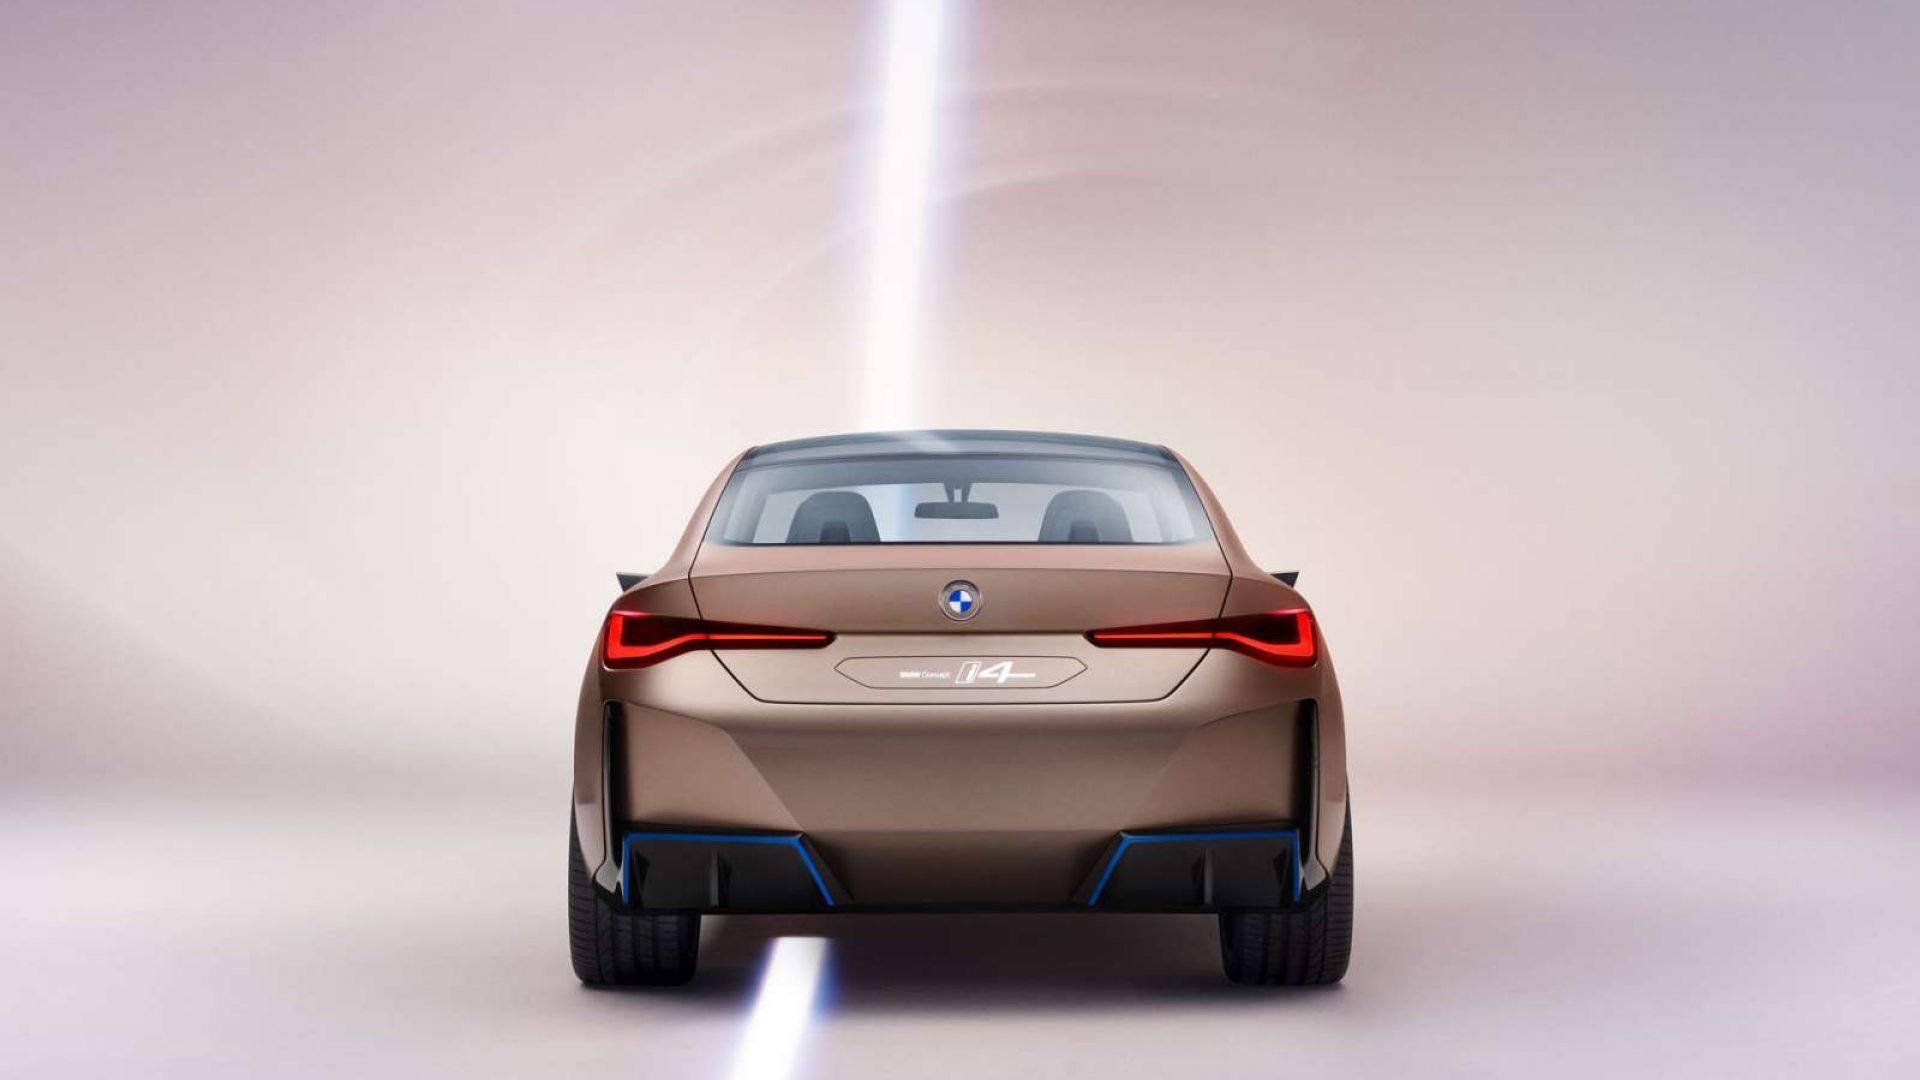 2020-BMW-Concept-i4-05